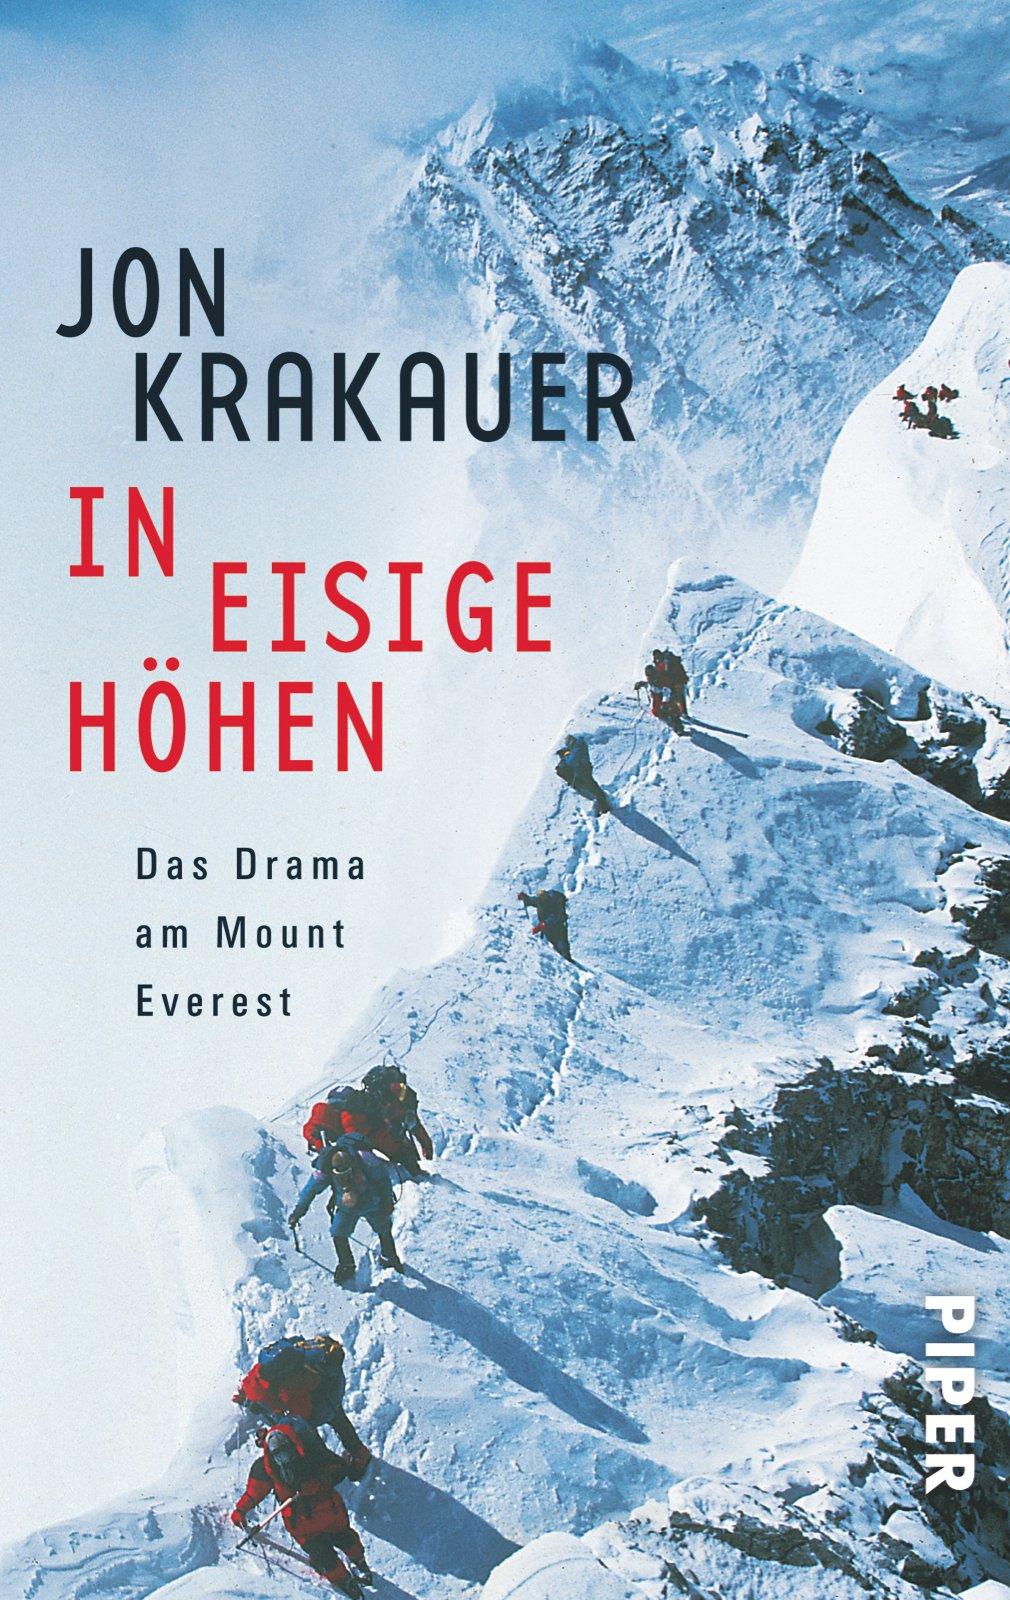 In eisige Höhen. Das Drama am Mount Everest Taschenbuch – 1. April 2000 Jon Krakauer Stephan Steeger Piper 3492229700